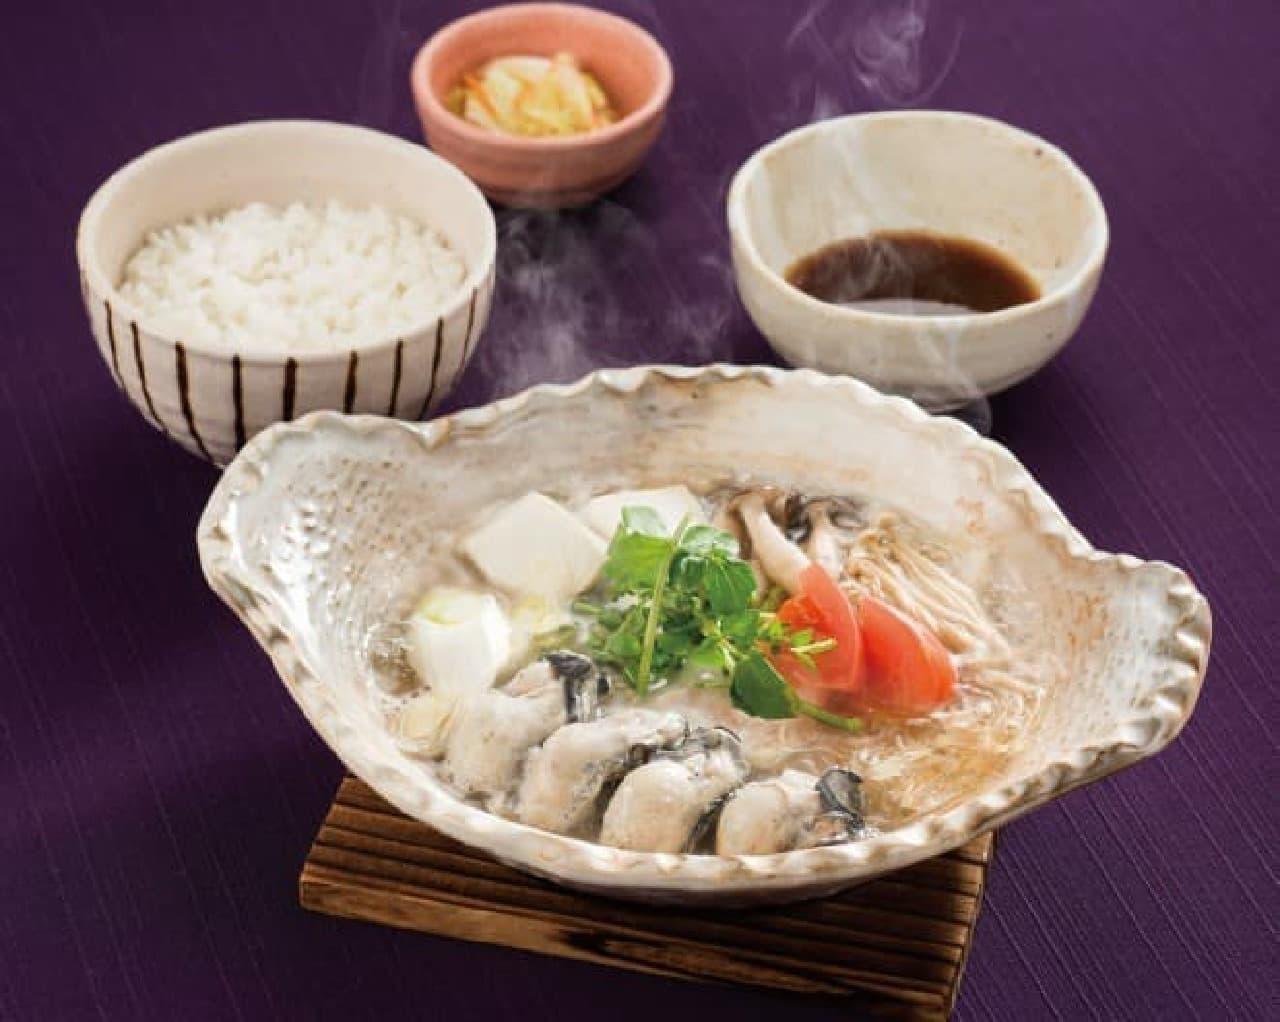 大戸屋「桃浦(もものうら)かきの出汁鍋定食」